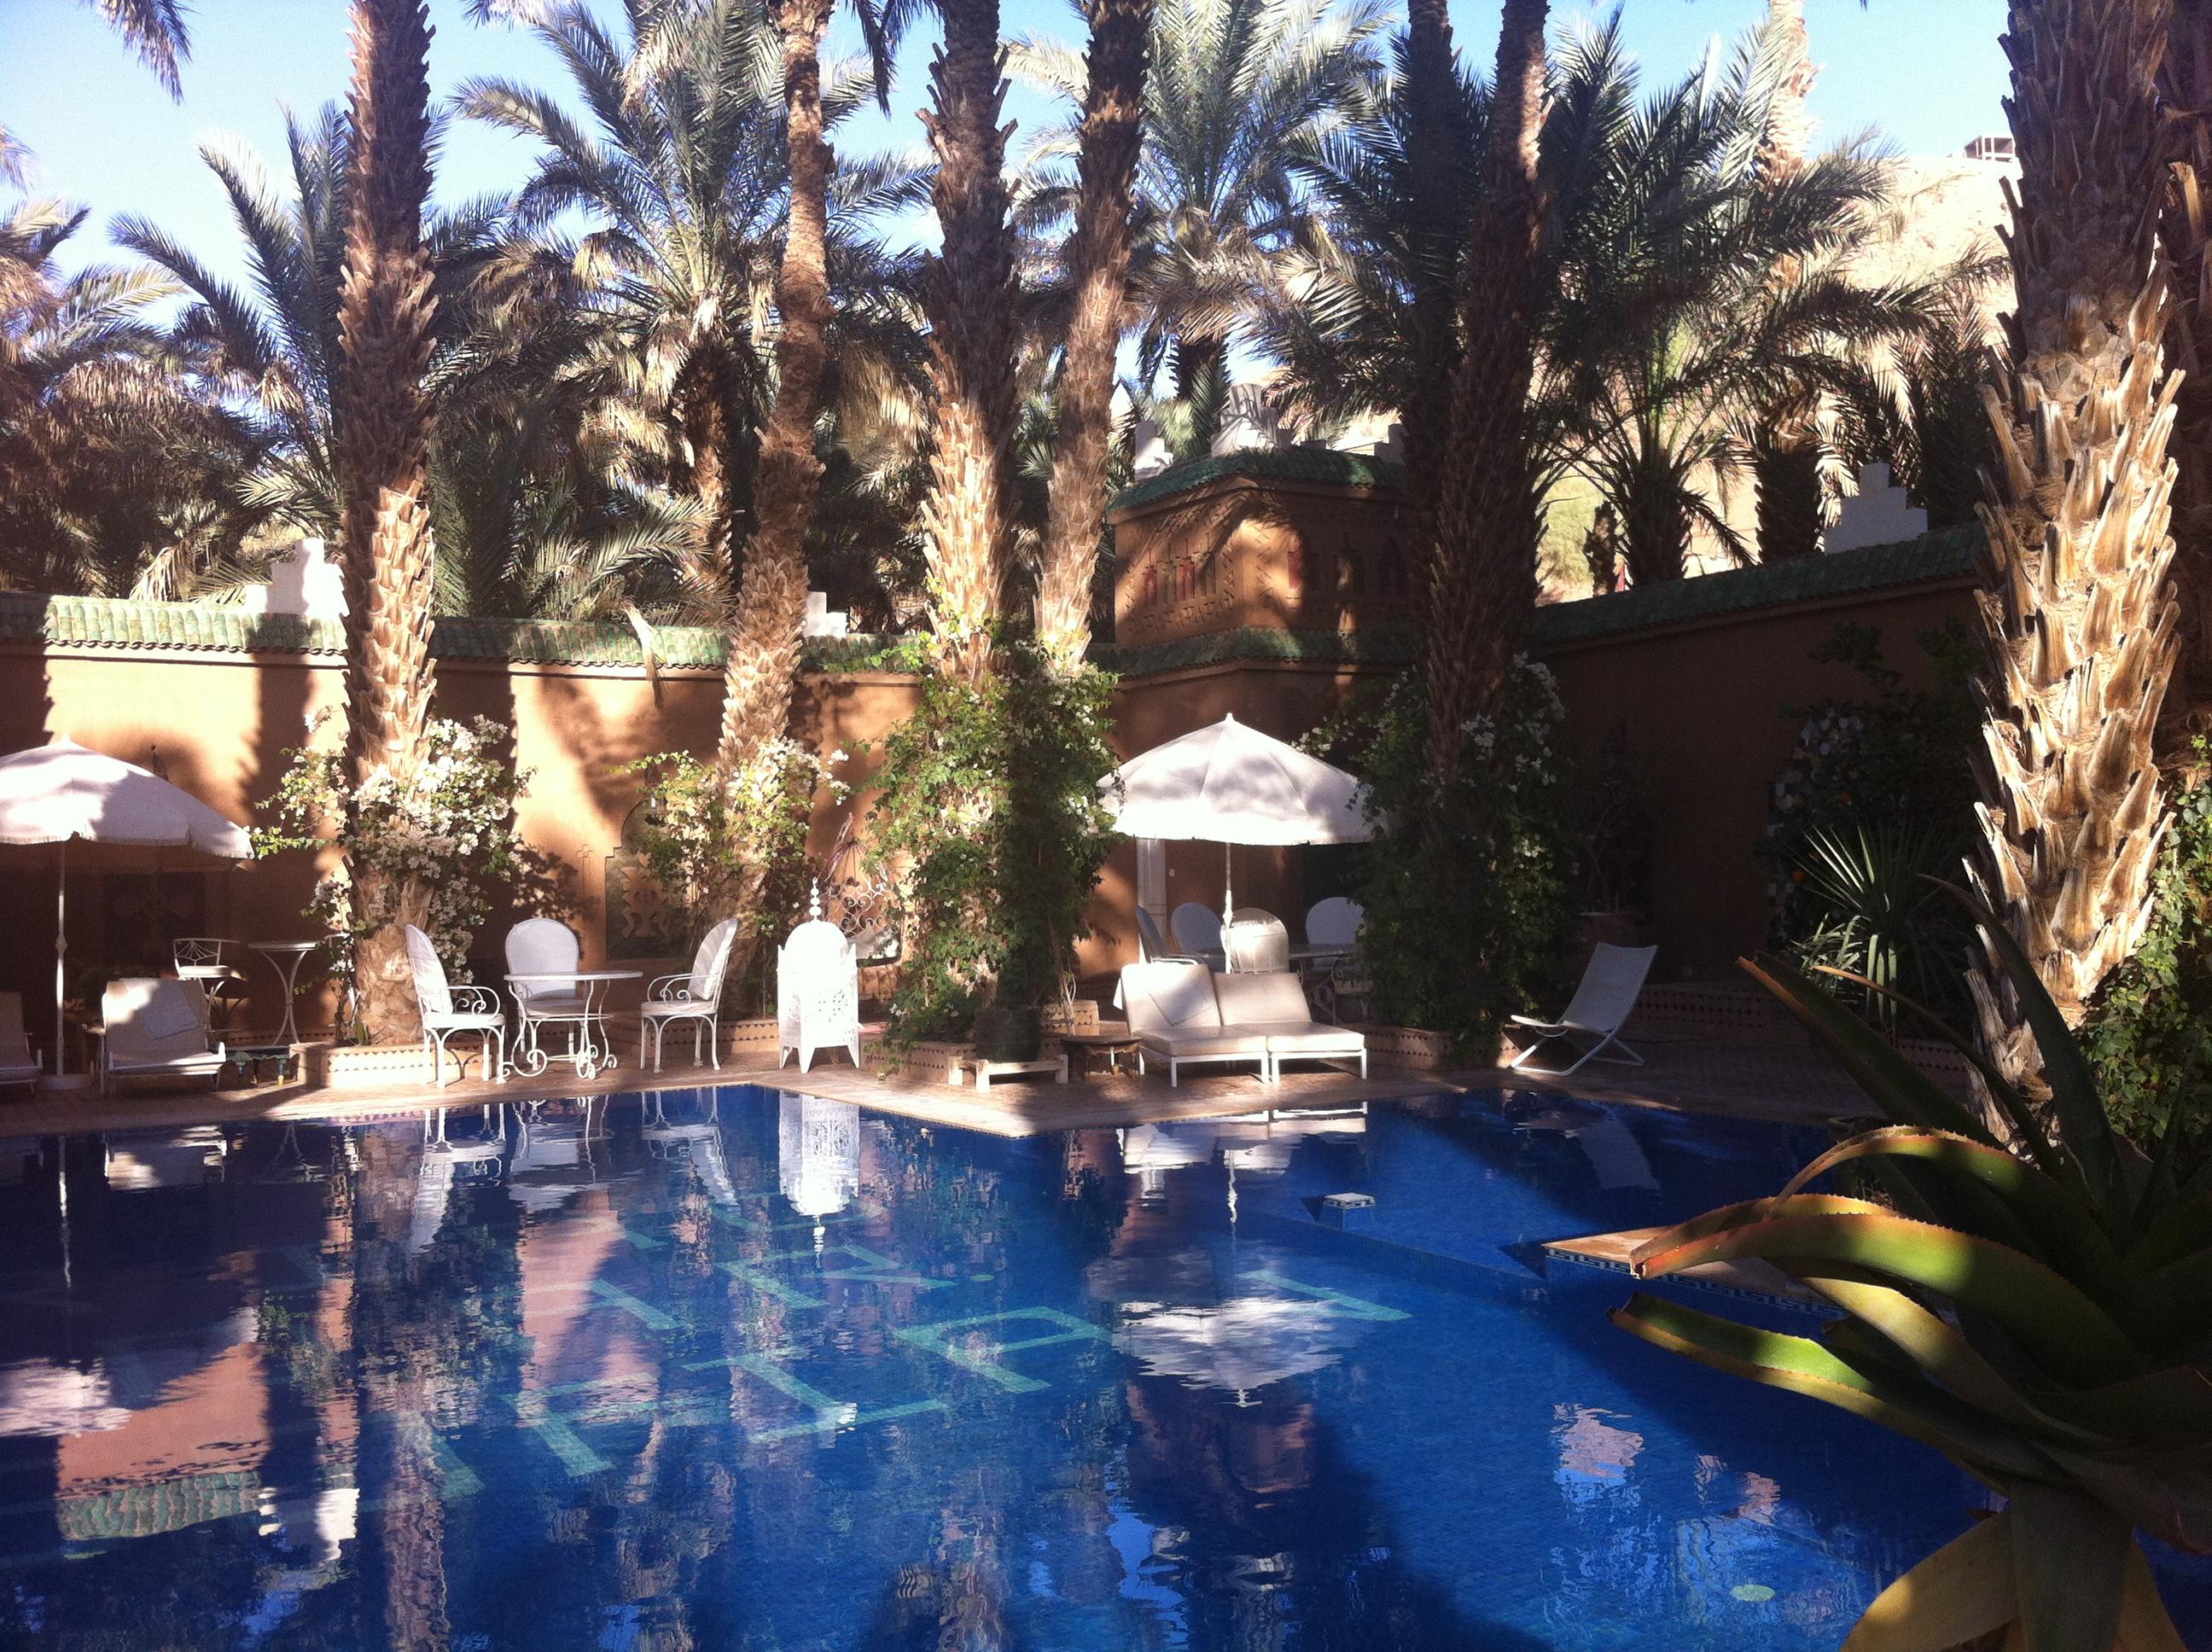 Piscine et palmiers